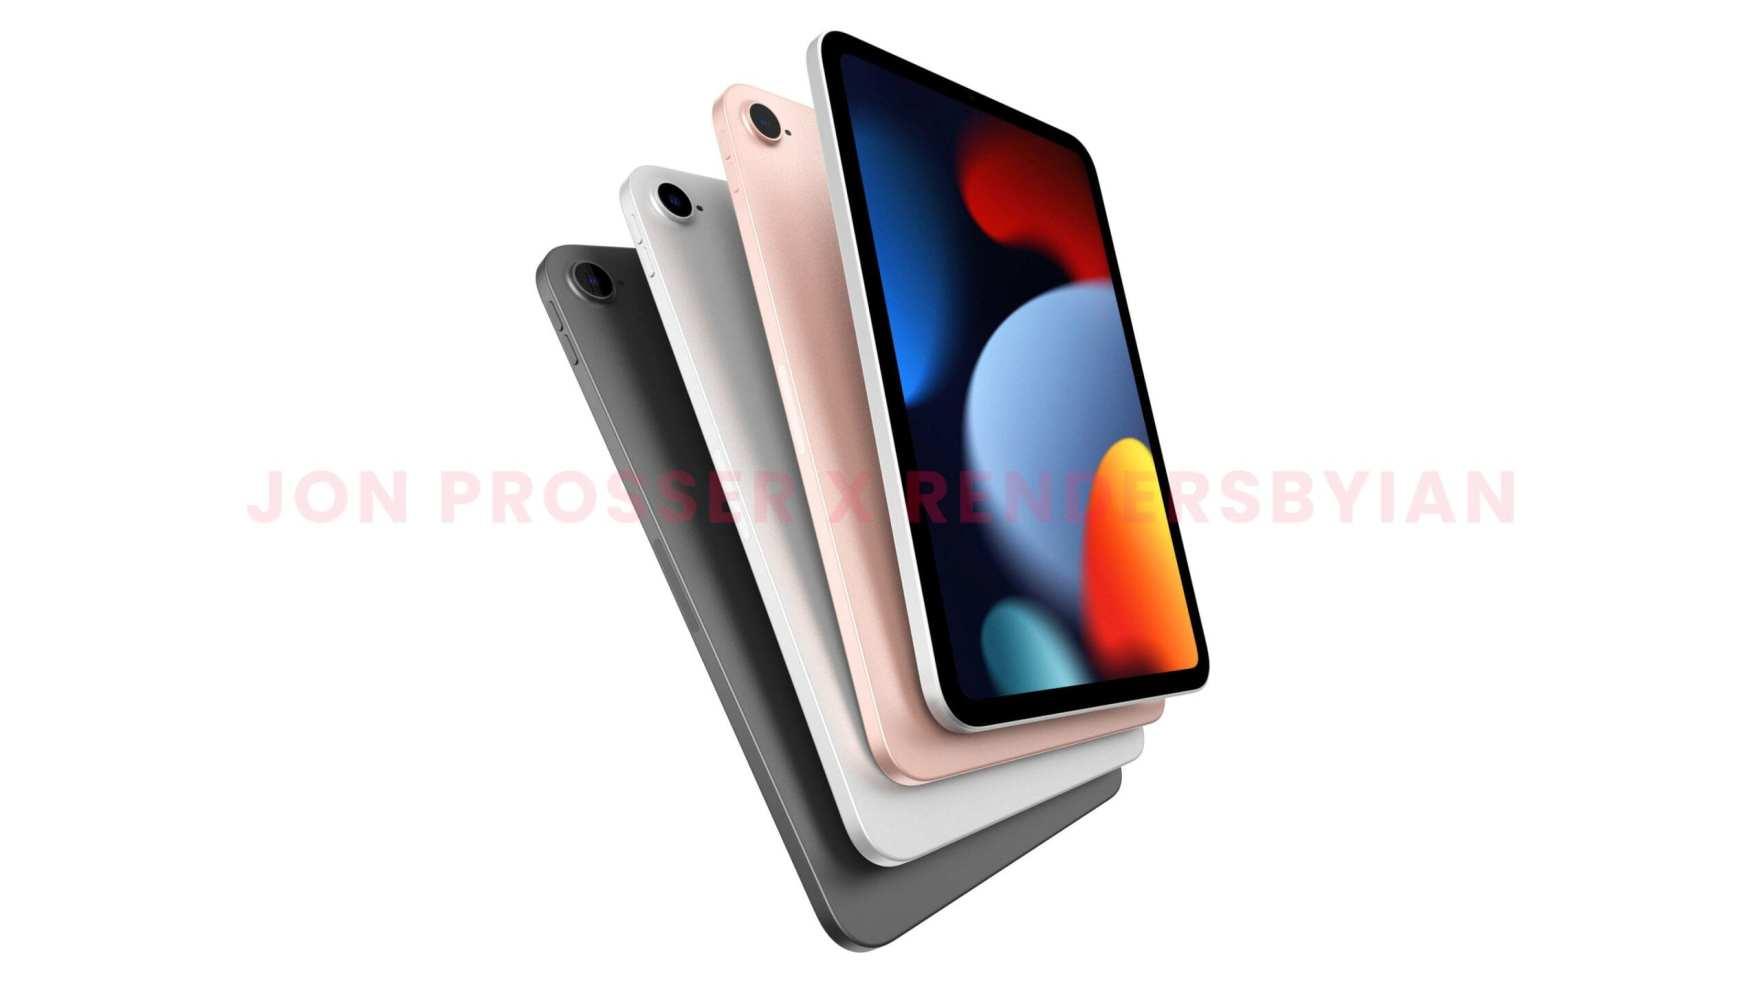 iPad mini 6 design renders leaked by Jon Prosser